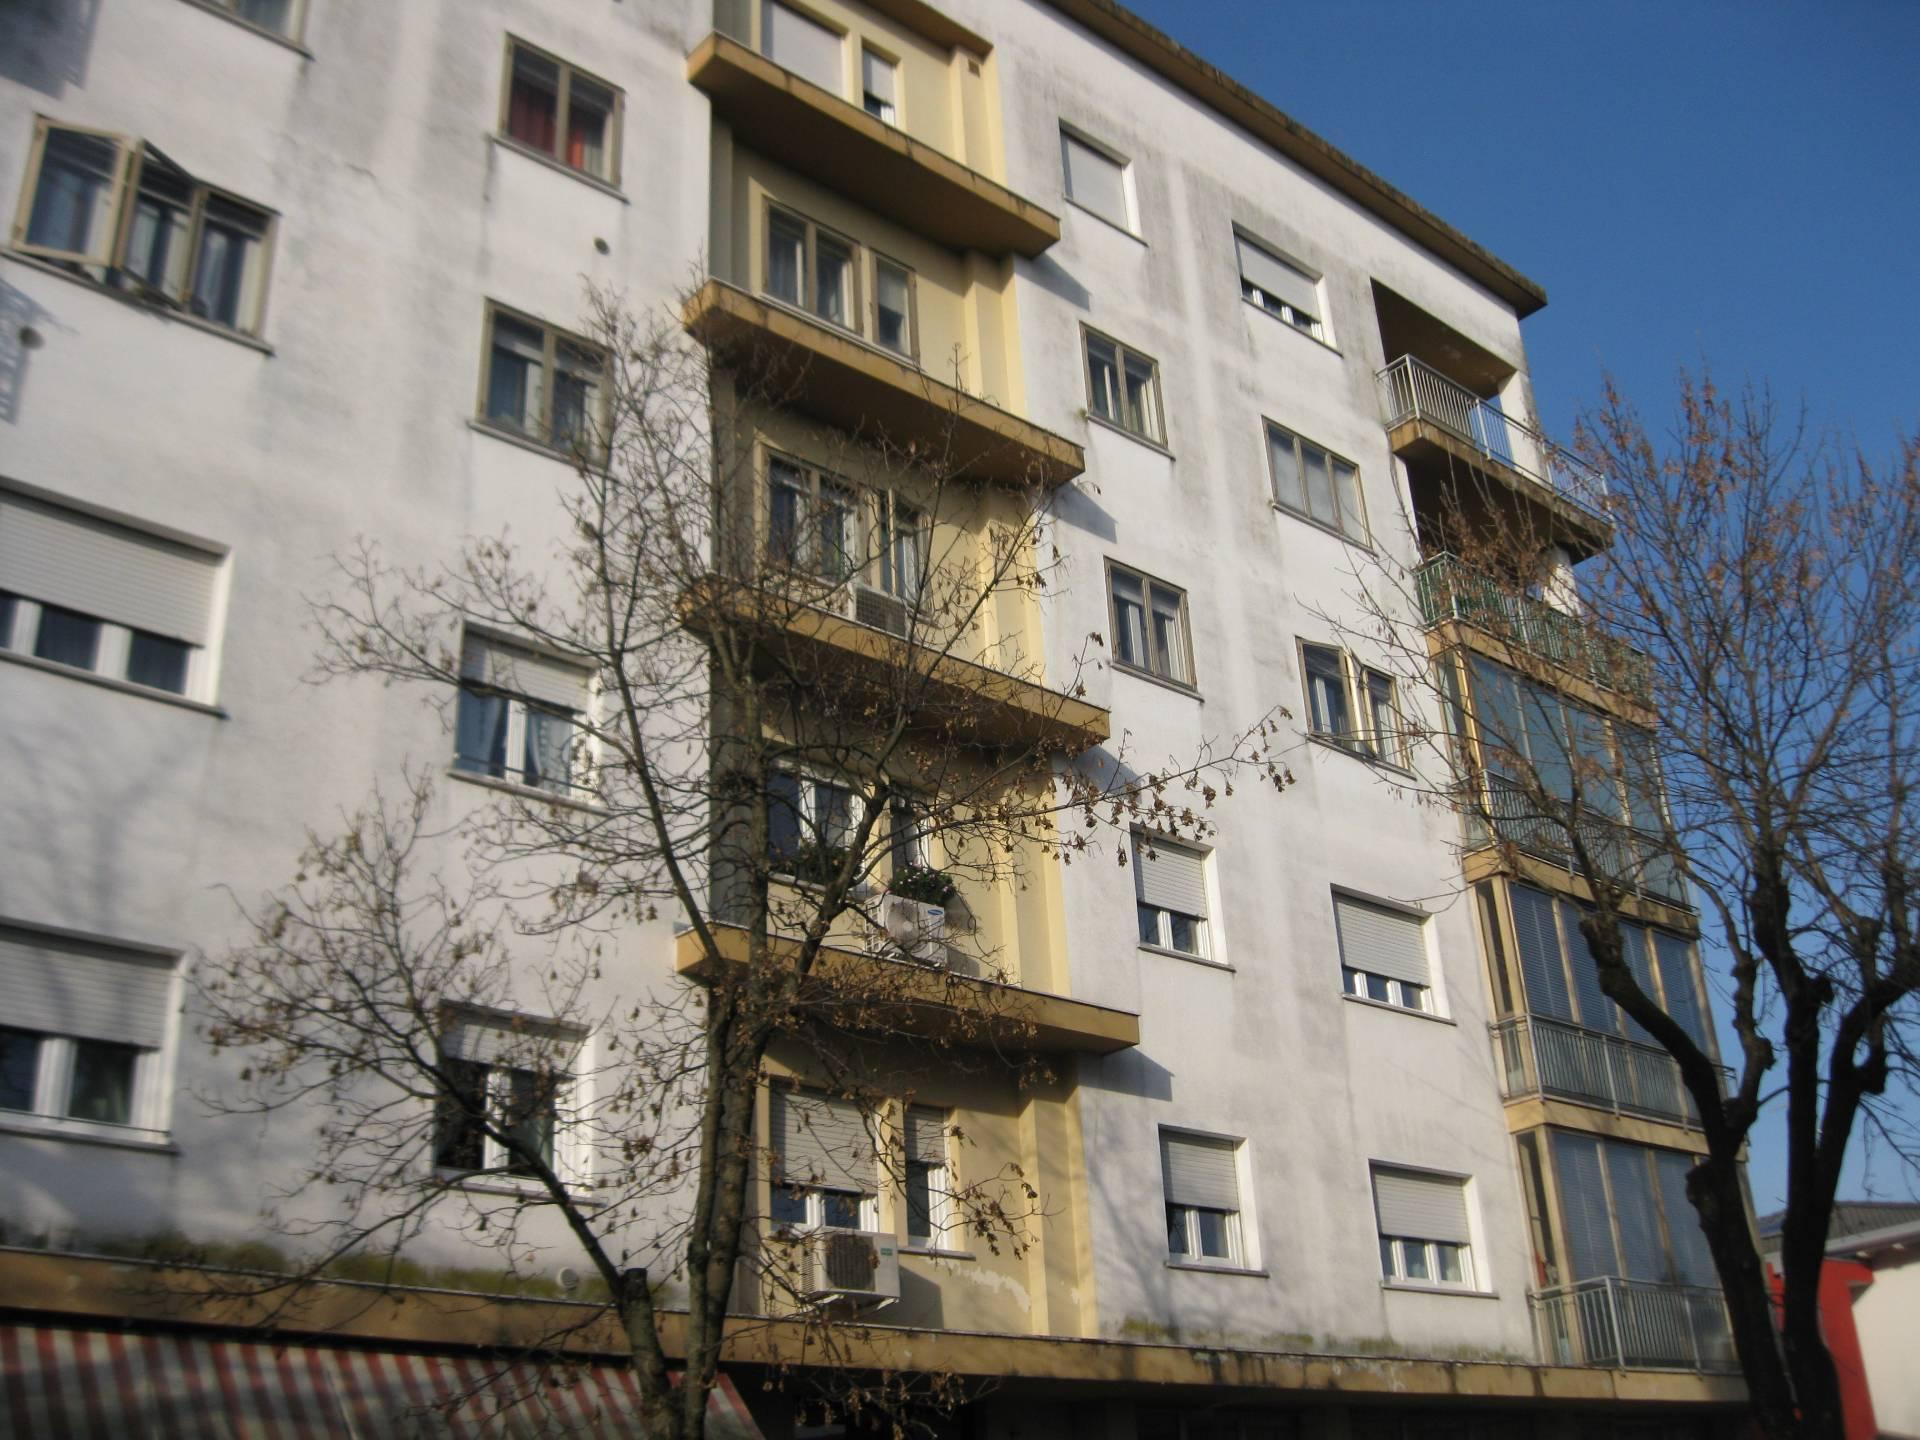 Appartamento in vendita a San Giorgio di Nogaro, 4 locali, prezzo € 58.000 | Cambio Casa.it